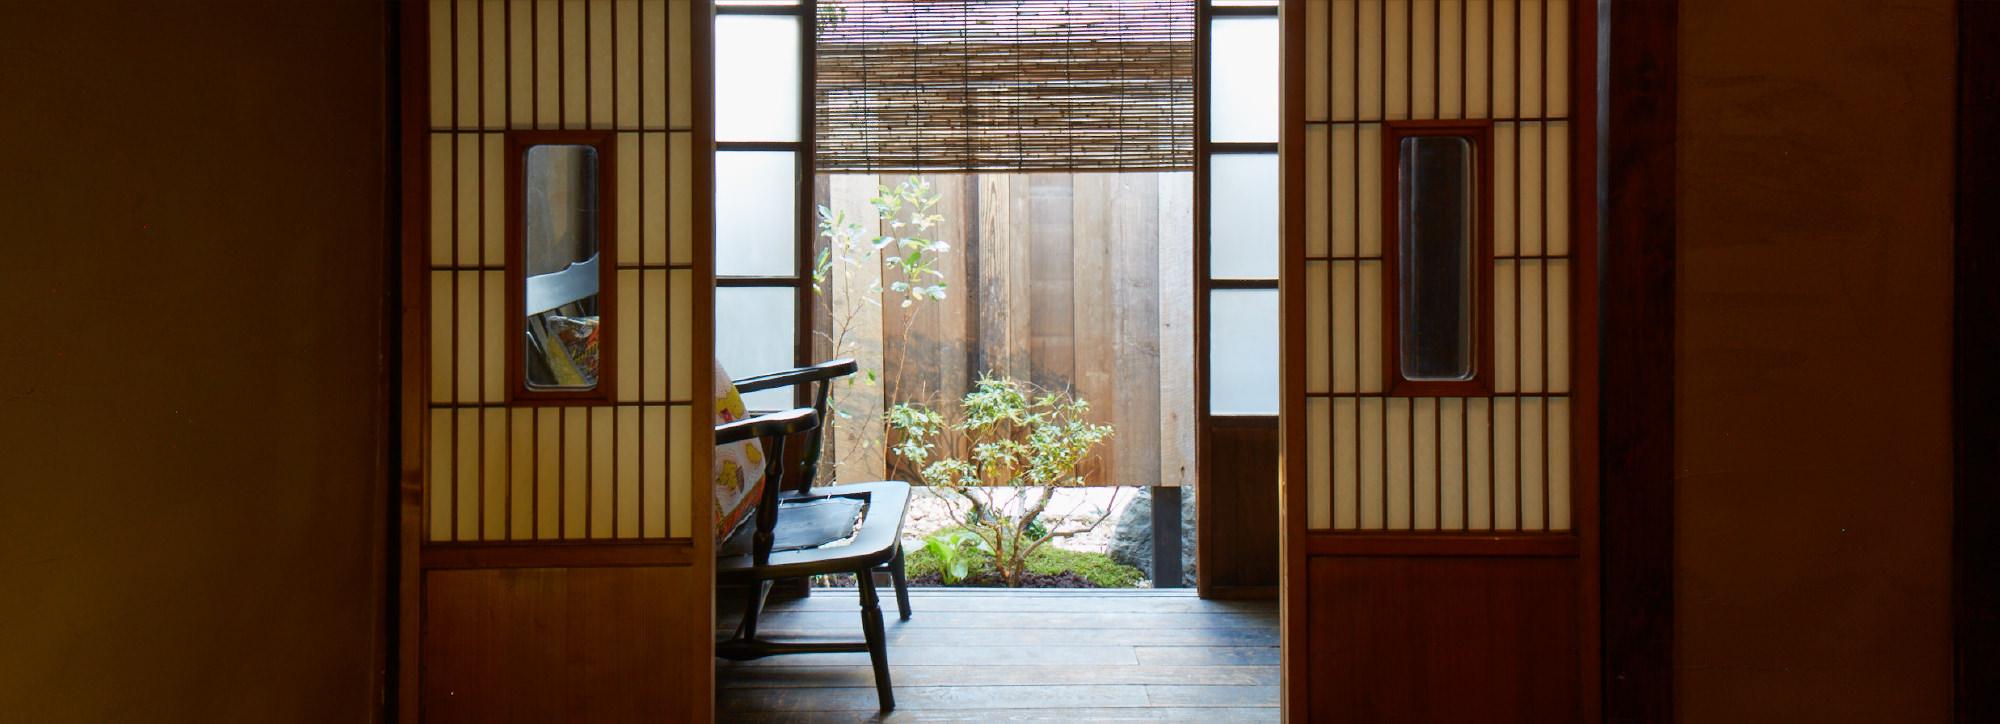 SAKAINOMA RESIDENCE 熊 image